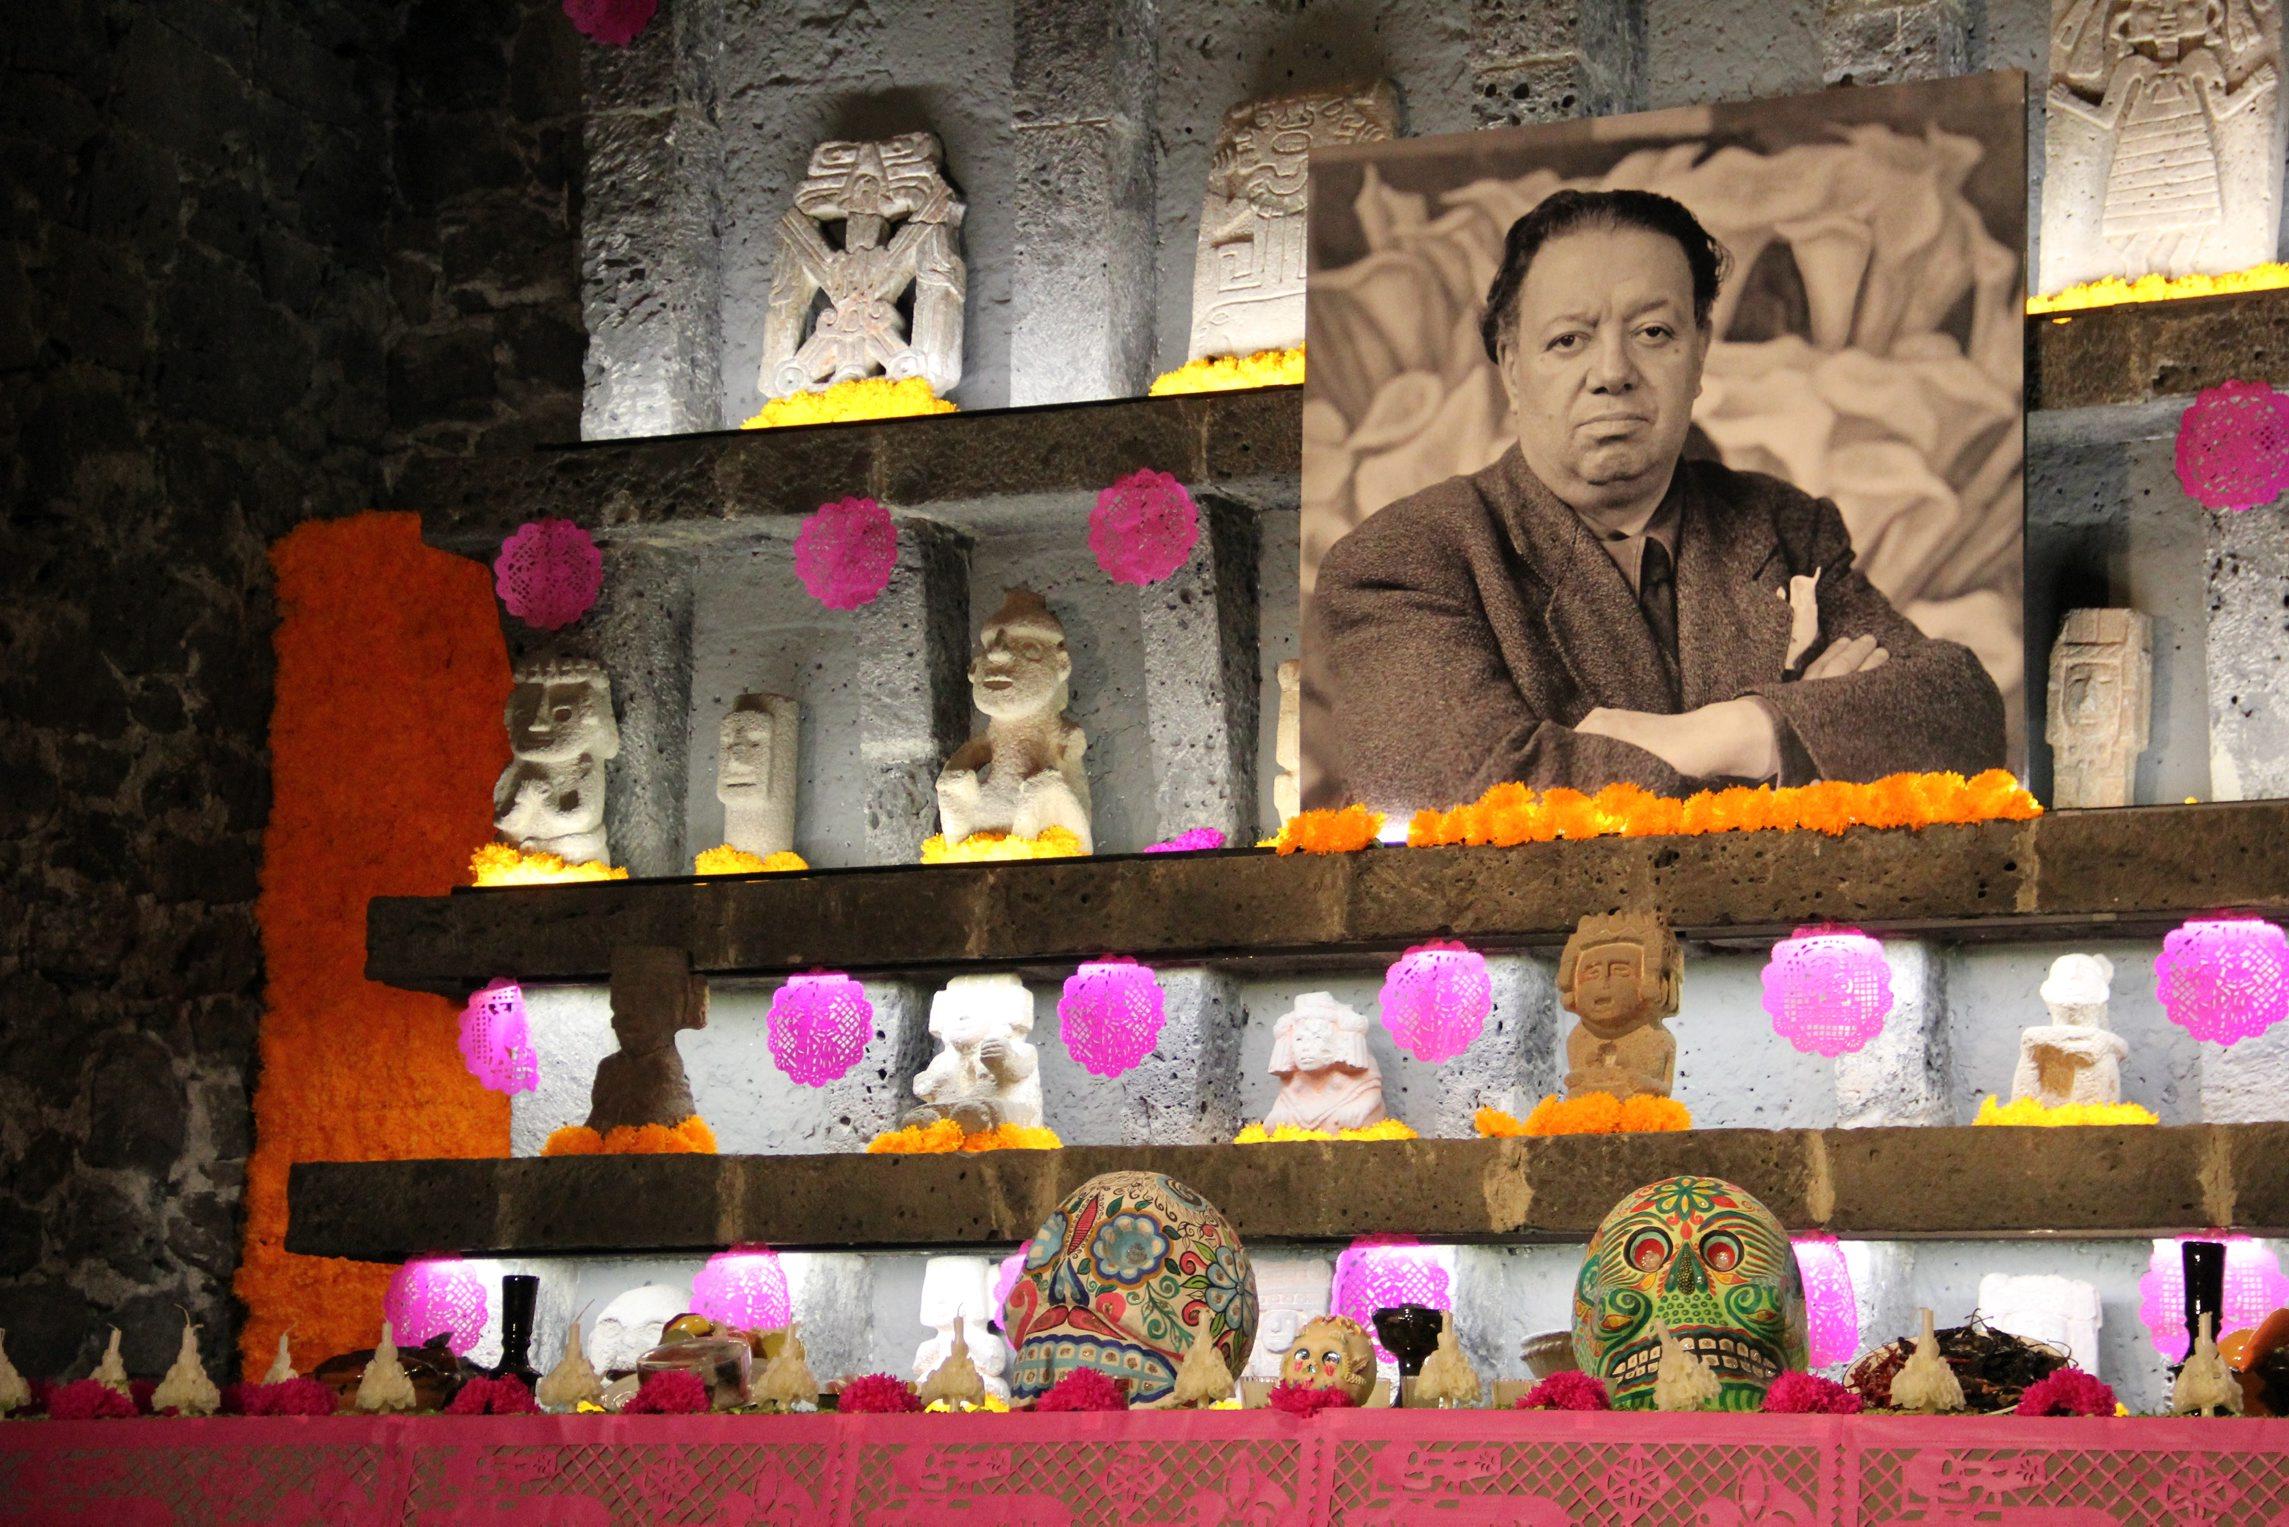 41025071. México, D.F.- En entrevista para Notimex, la investigadora Virginia Hernández Reta, expresó que la tradición de Día de Muertos en México tiene una parte poética y celebra lo familiar de la muerte y el esplendor de la vida, aunque hoy existan influencias de otras culturas y otras celebraciones, como el Halloween que no es sino la celebración de la parte poco familiar y siniestra de la vida. NOTIMEX/FOTO/ARTURO M. TORAYA/COR/ACE/